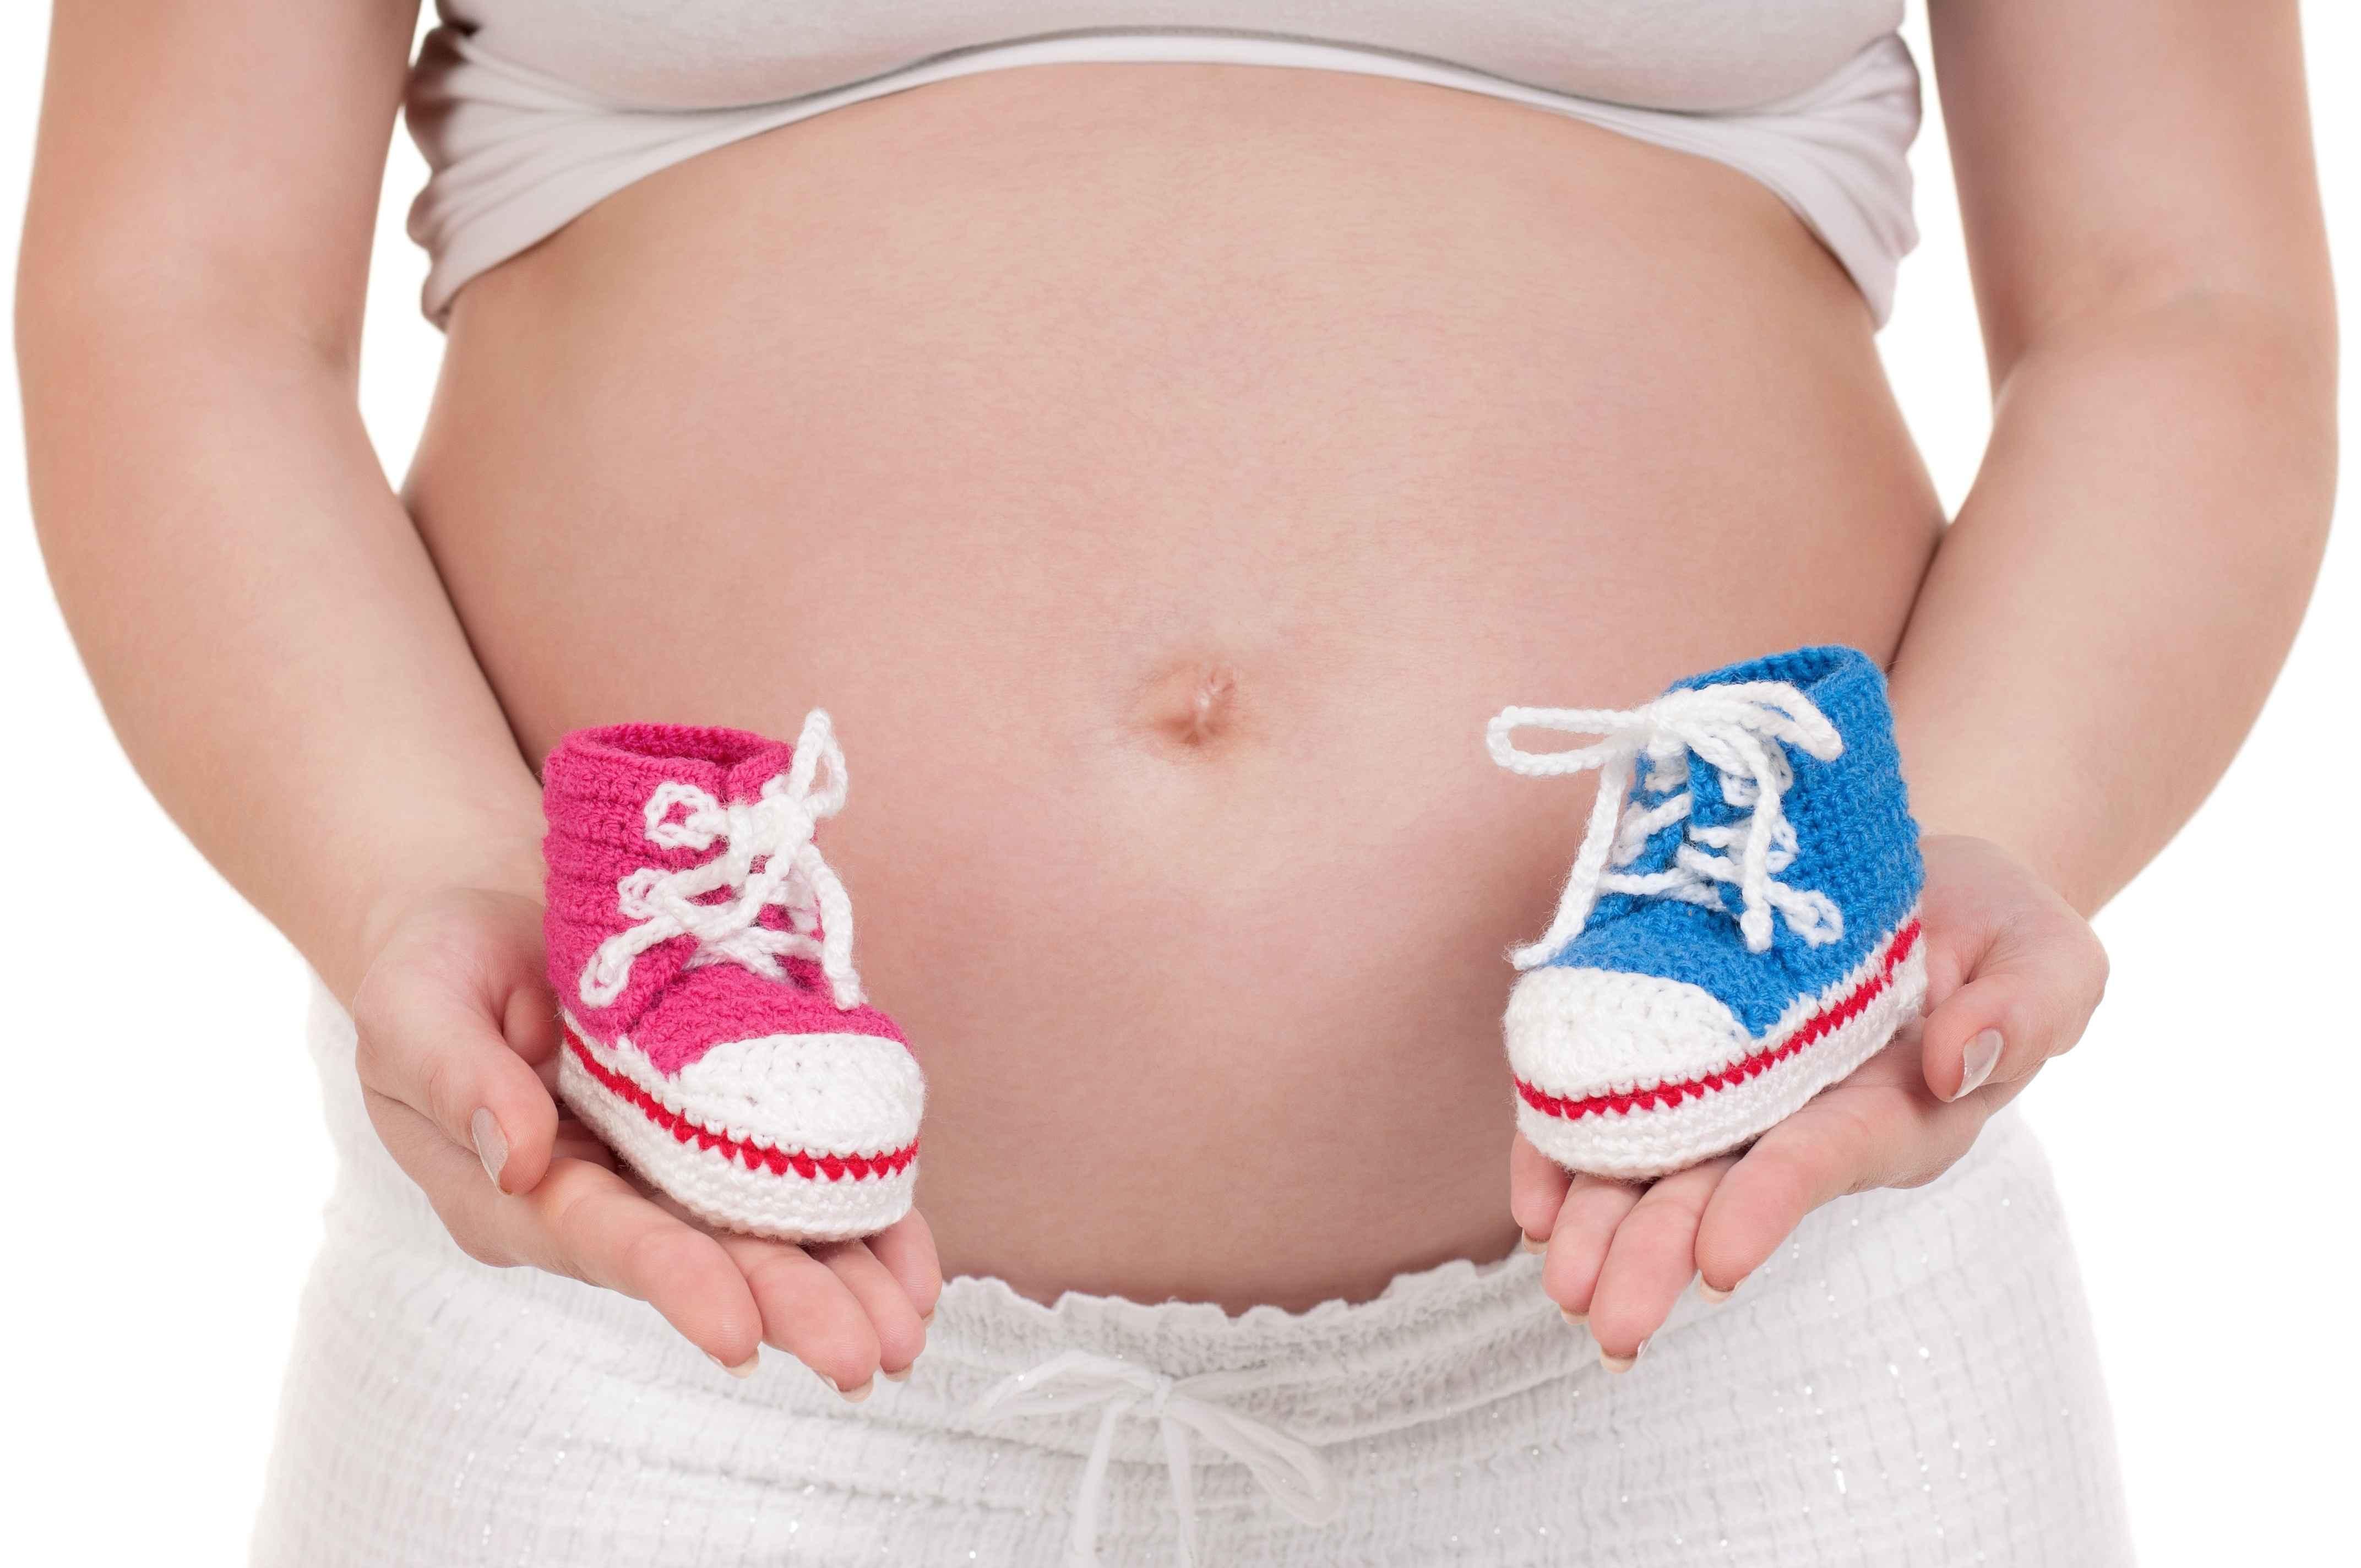 女性生育能力好不好,有没有月经不调和妇科疾病和流产经历